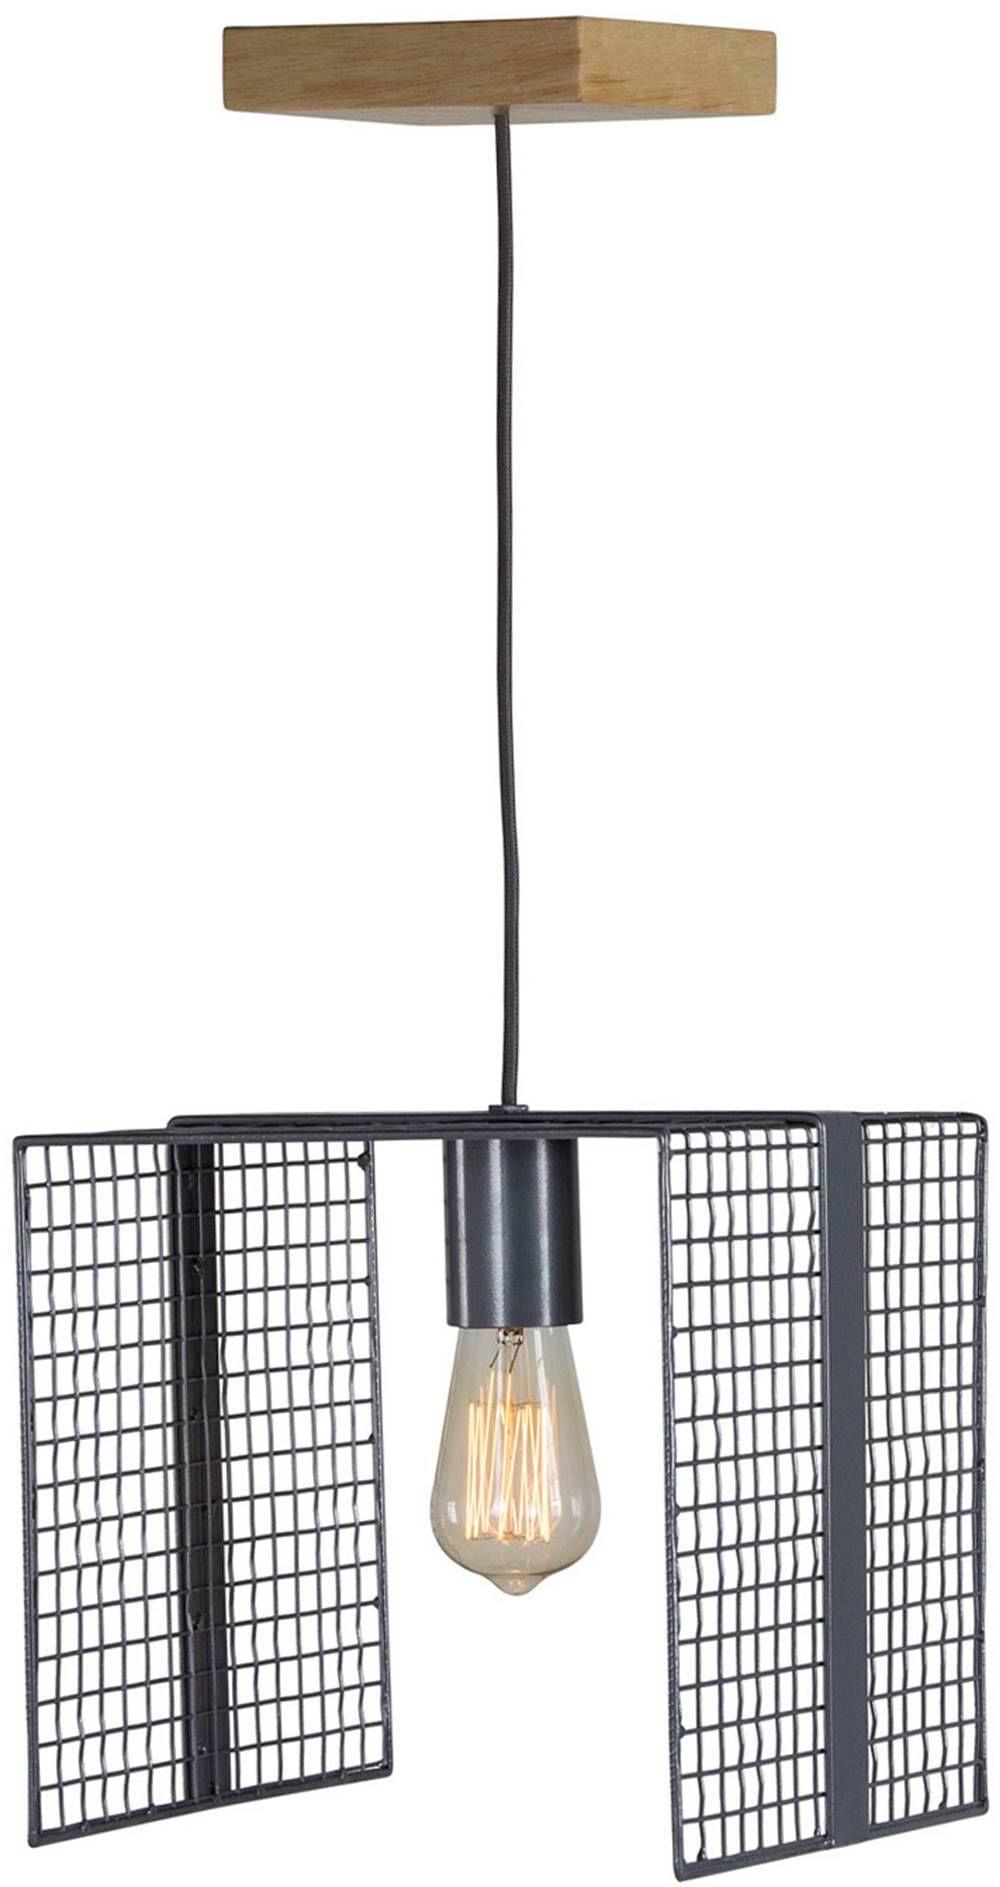 Luminaria Pendente Kant Caixa Multilaminada cor Preto 42cm (LARG) - 54130